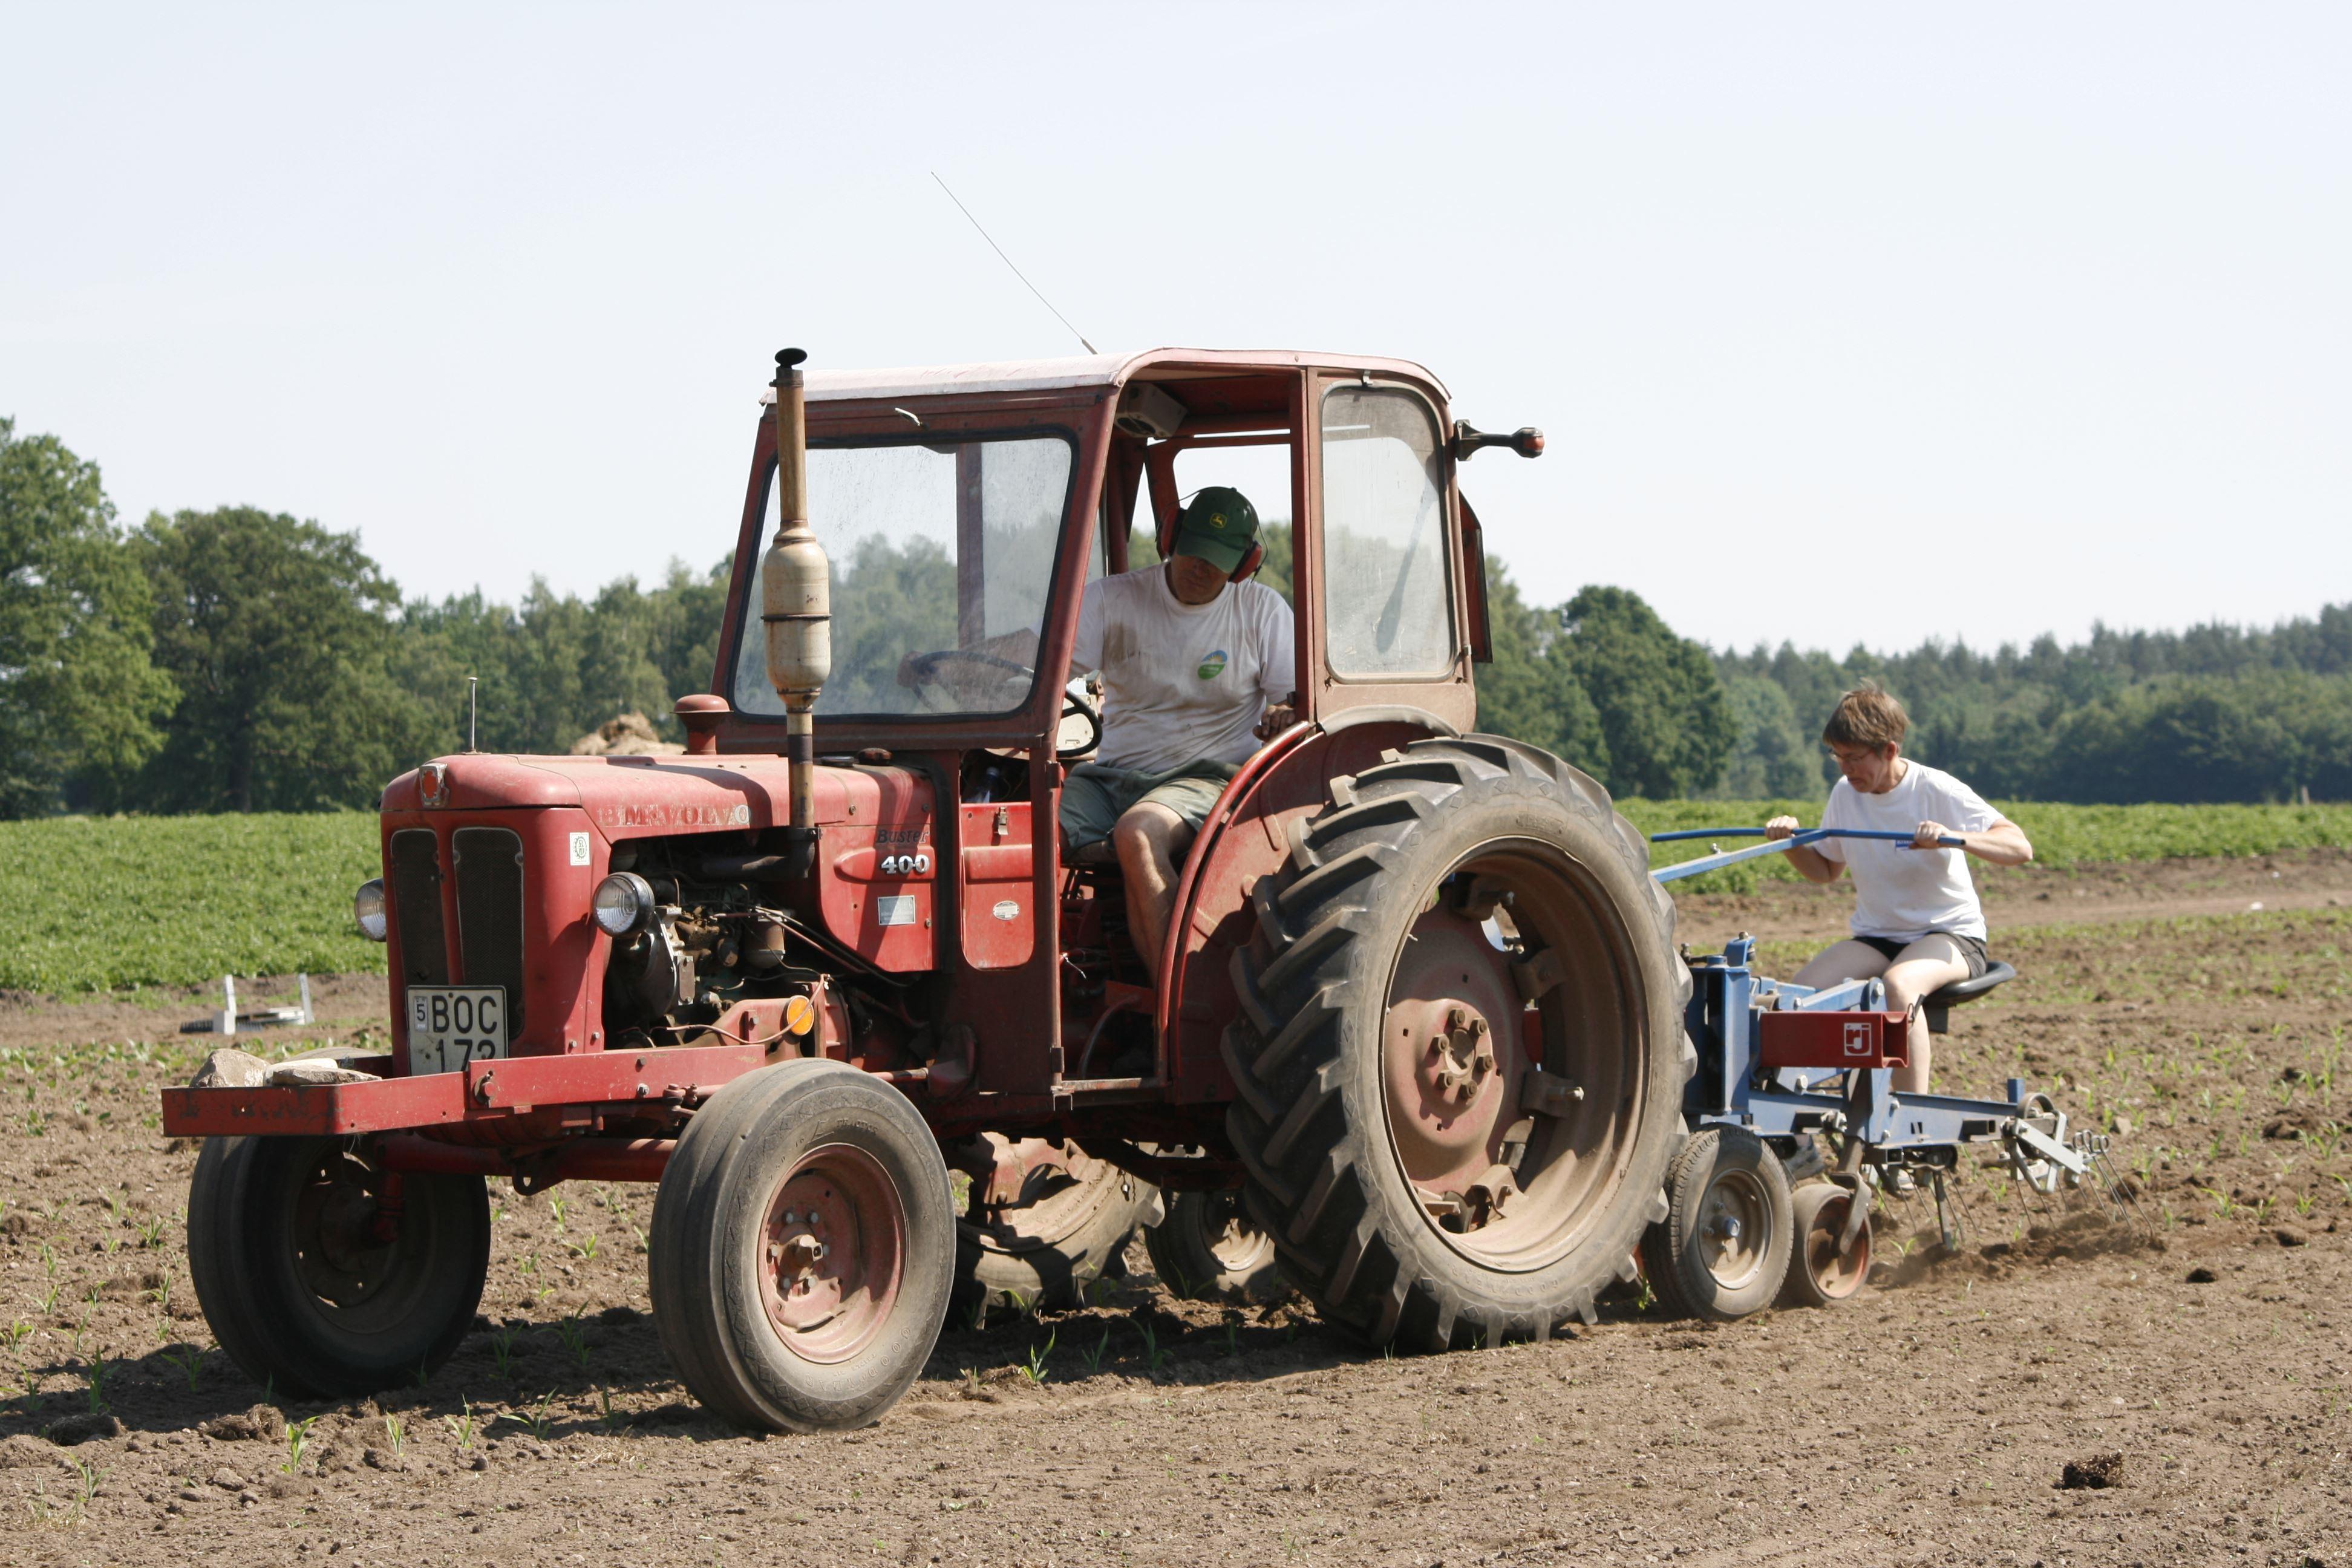 Visit ecological farms in Skåne